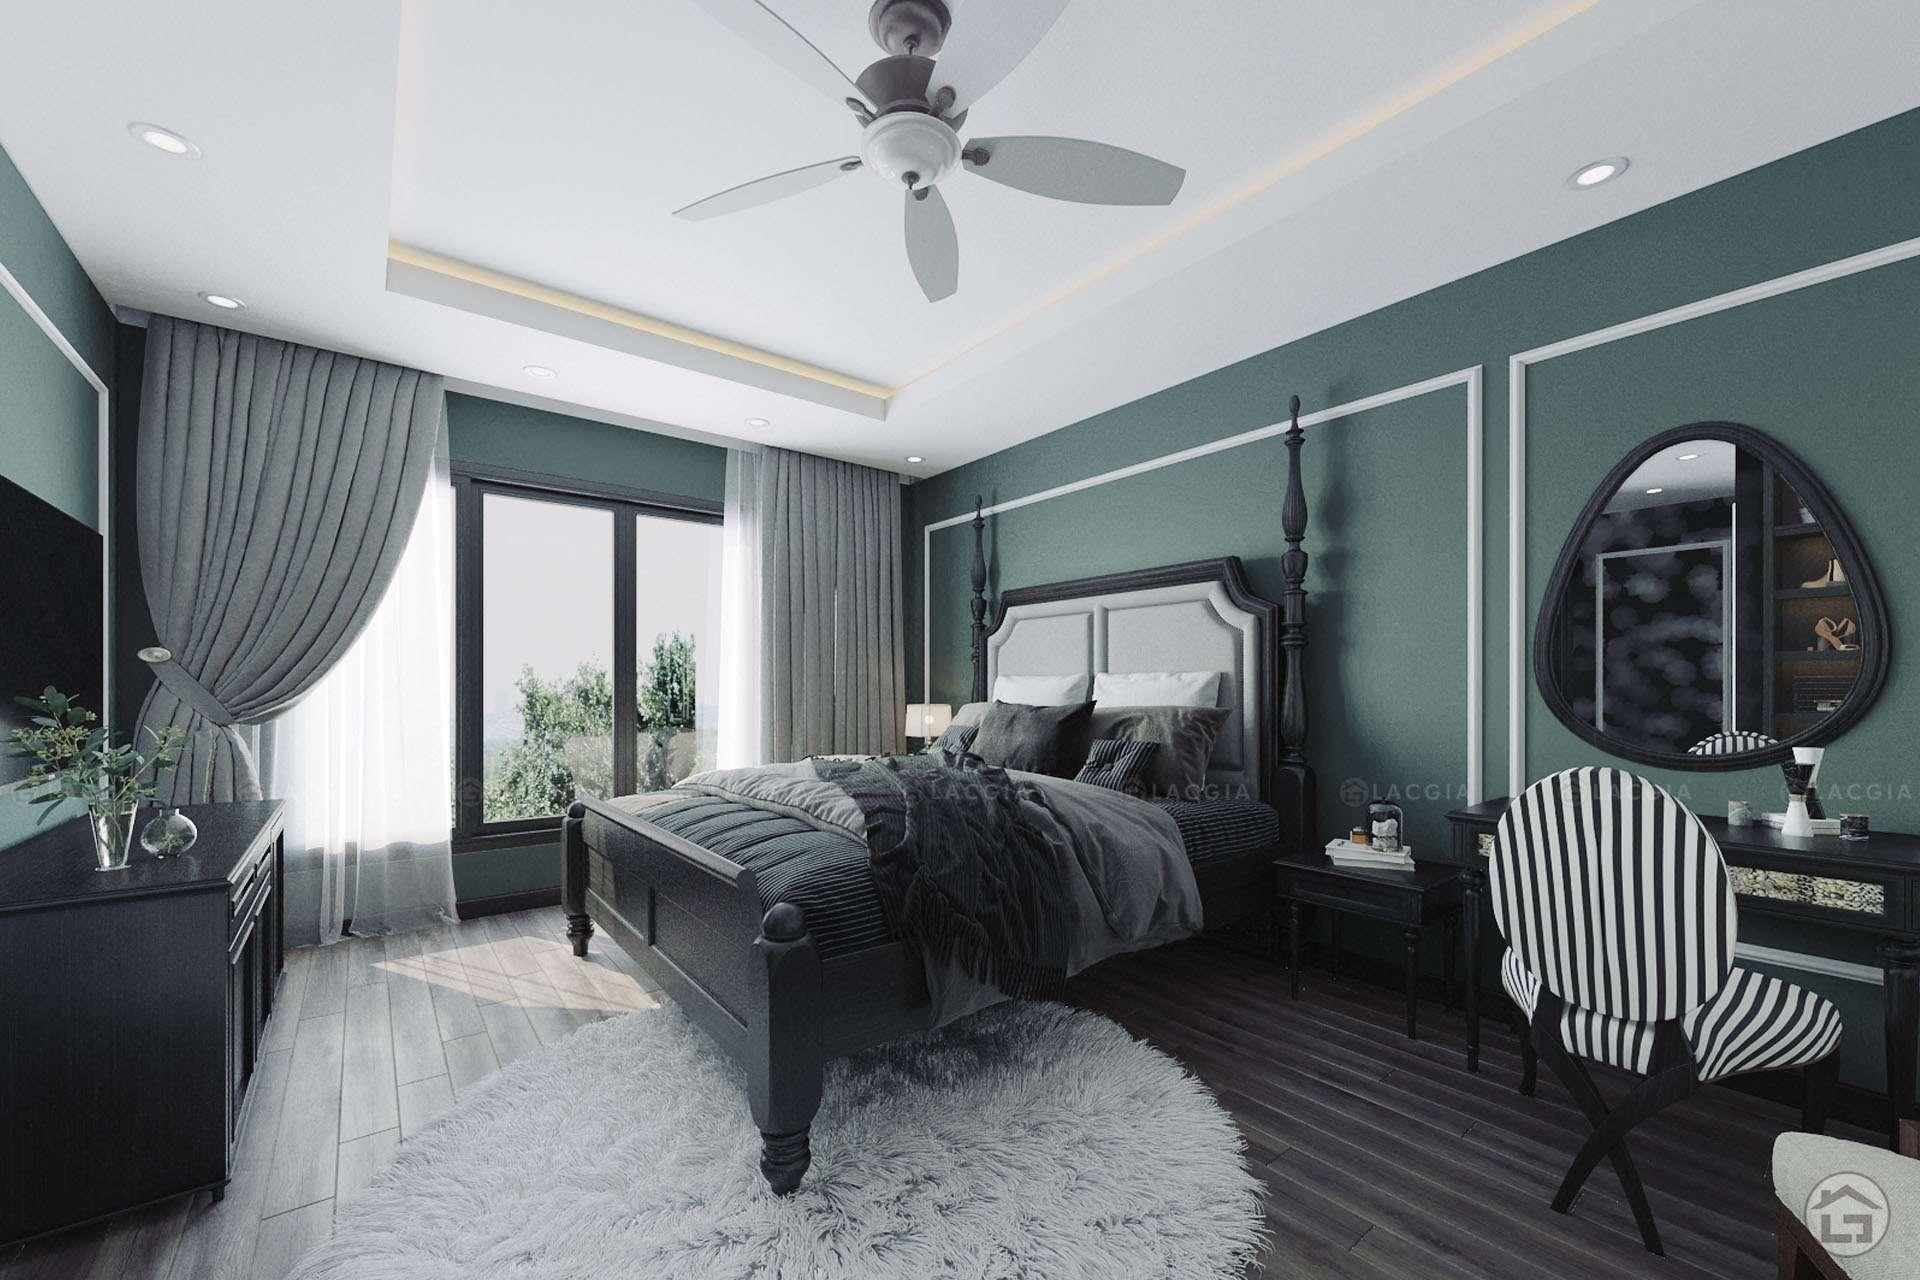 Mẫu phòng ngủ Master thiết kế theo phong cách Đông Dương (Indochine)